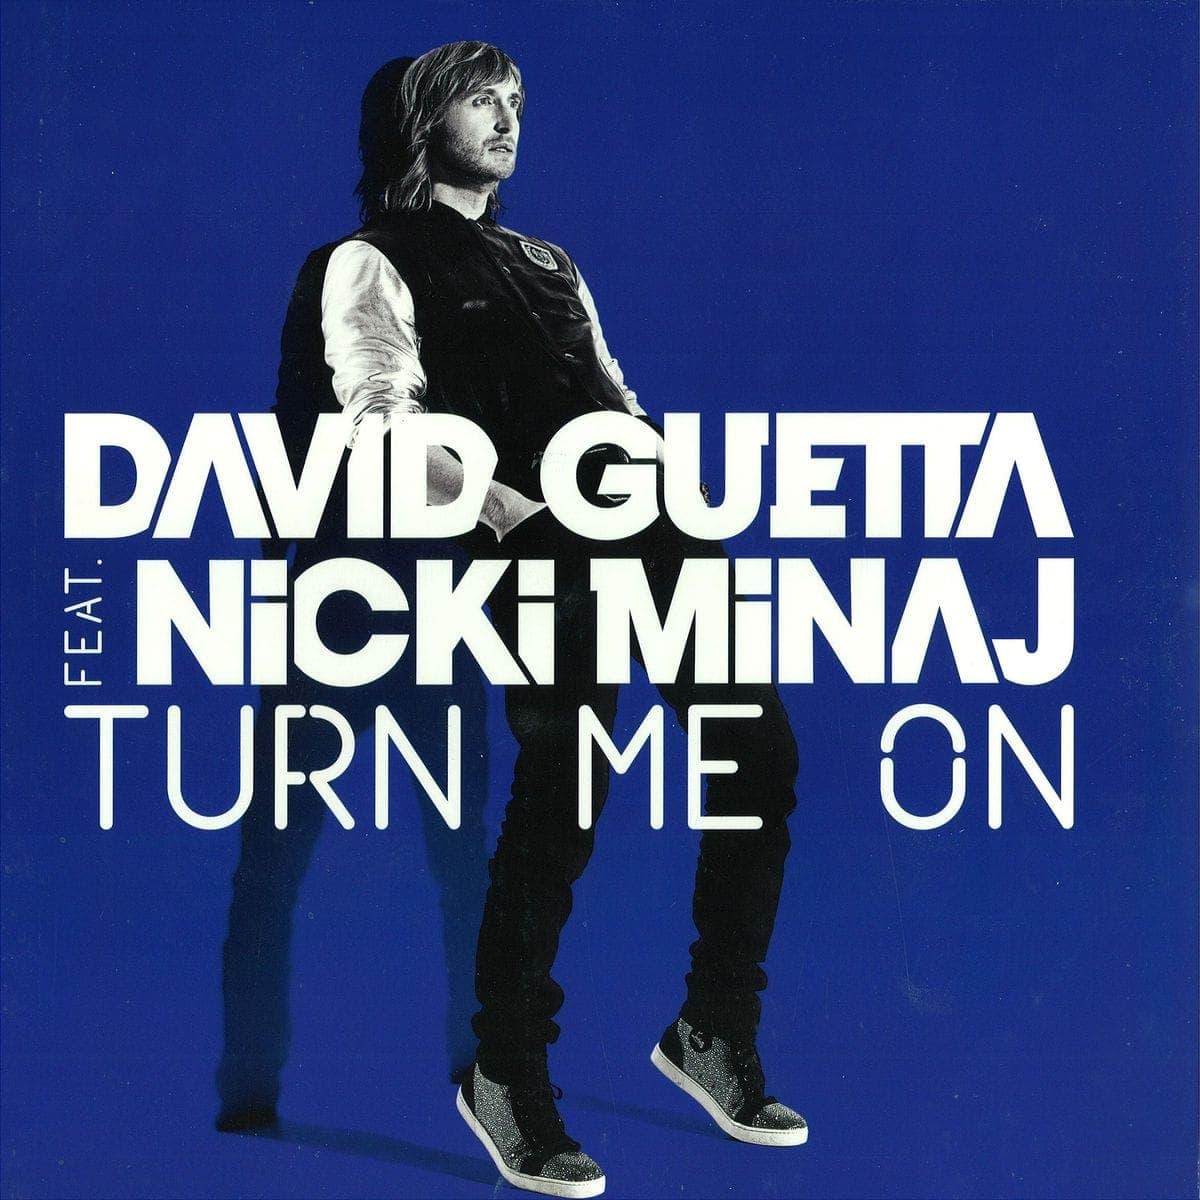 Turn Me On (feat. Nicki Minaj) - David Guetta